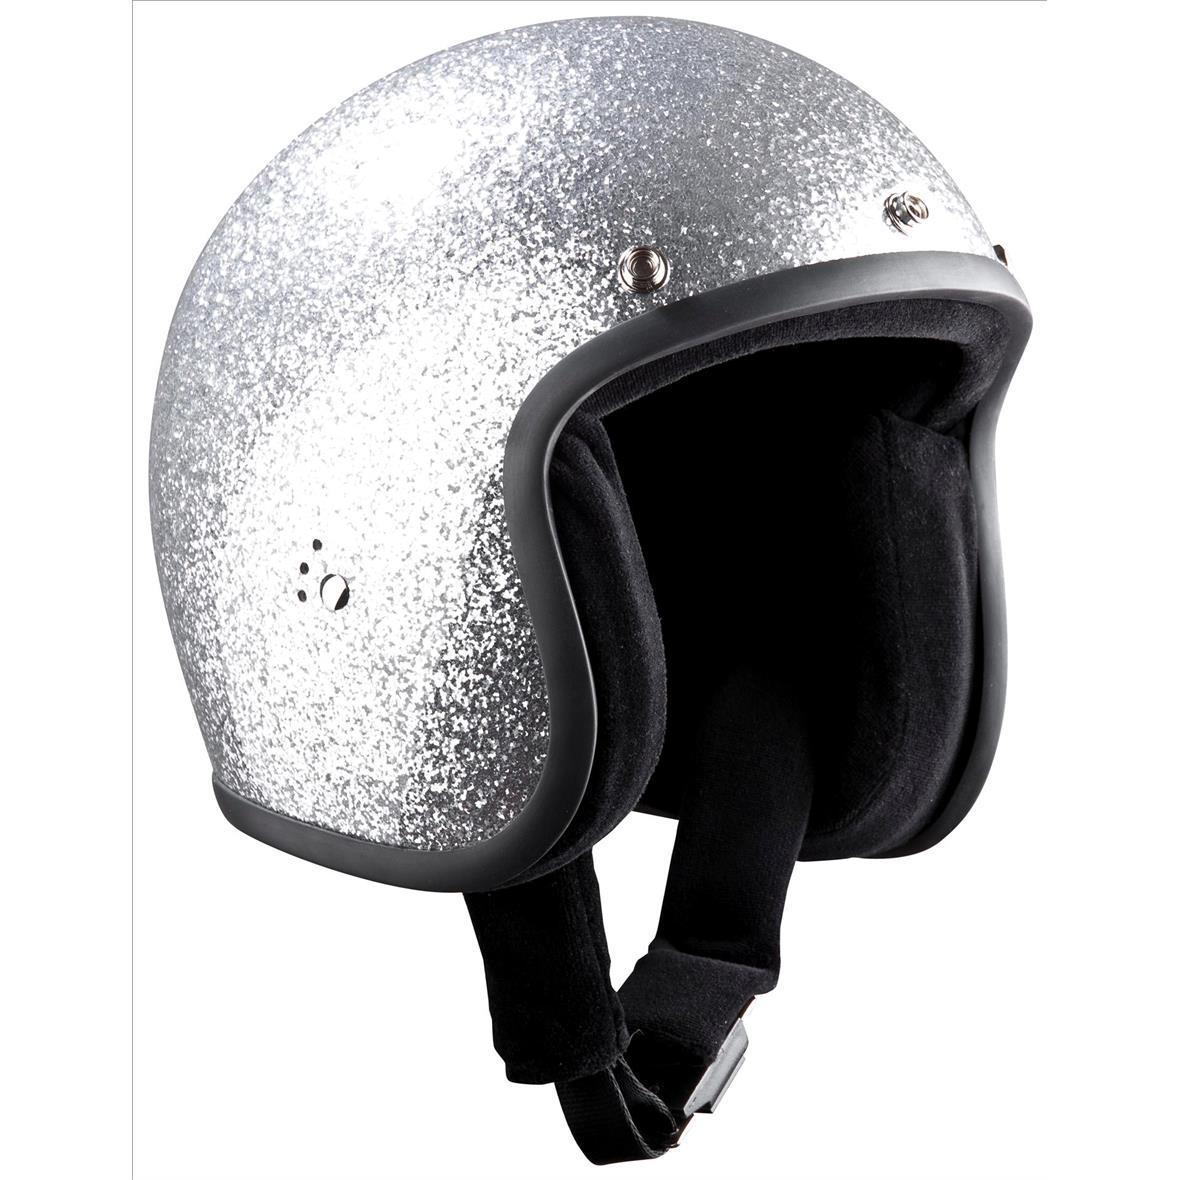 Produktbild für 'Helm BANDIT Metal Flake Jet'